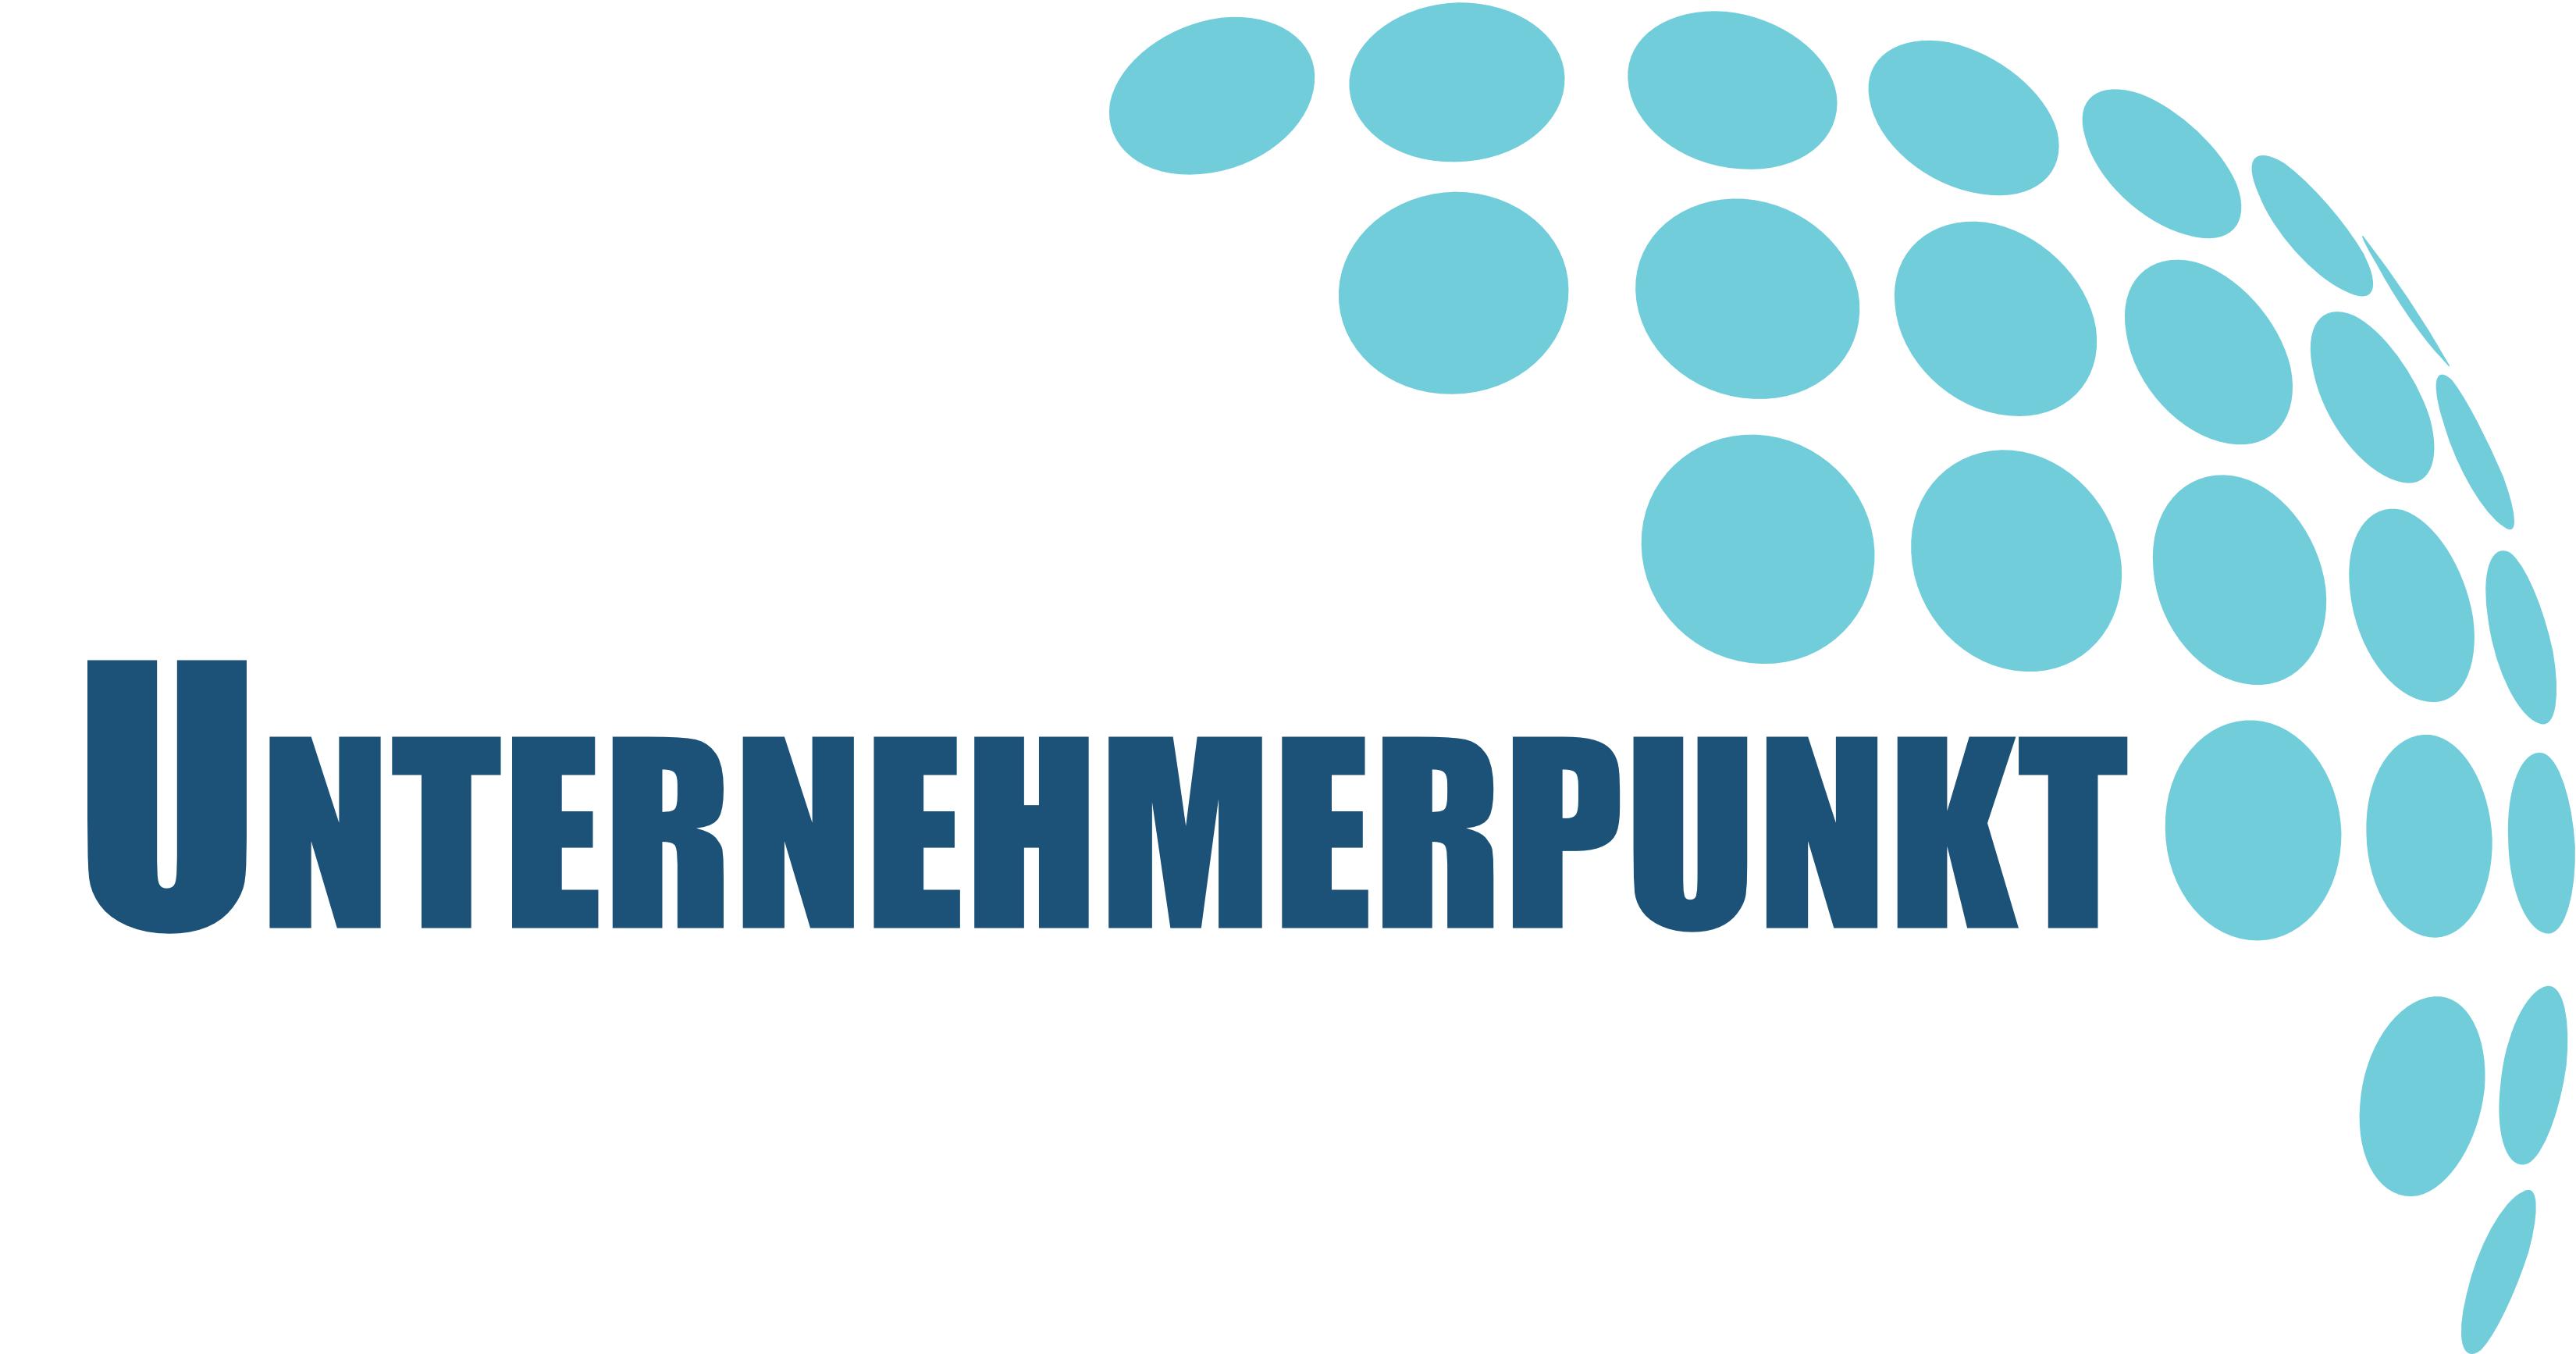 Unternehmerpunkt_Logo